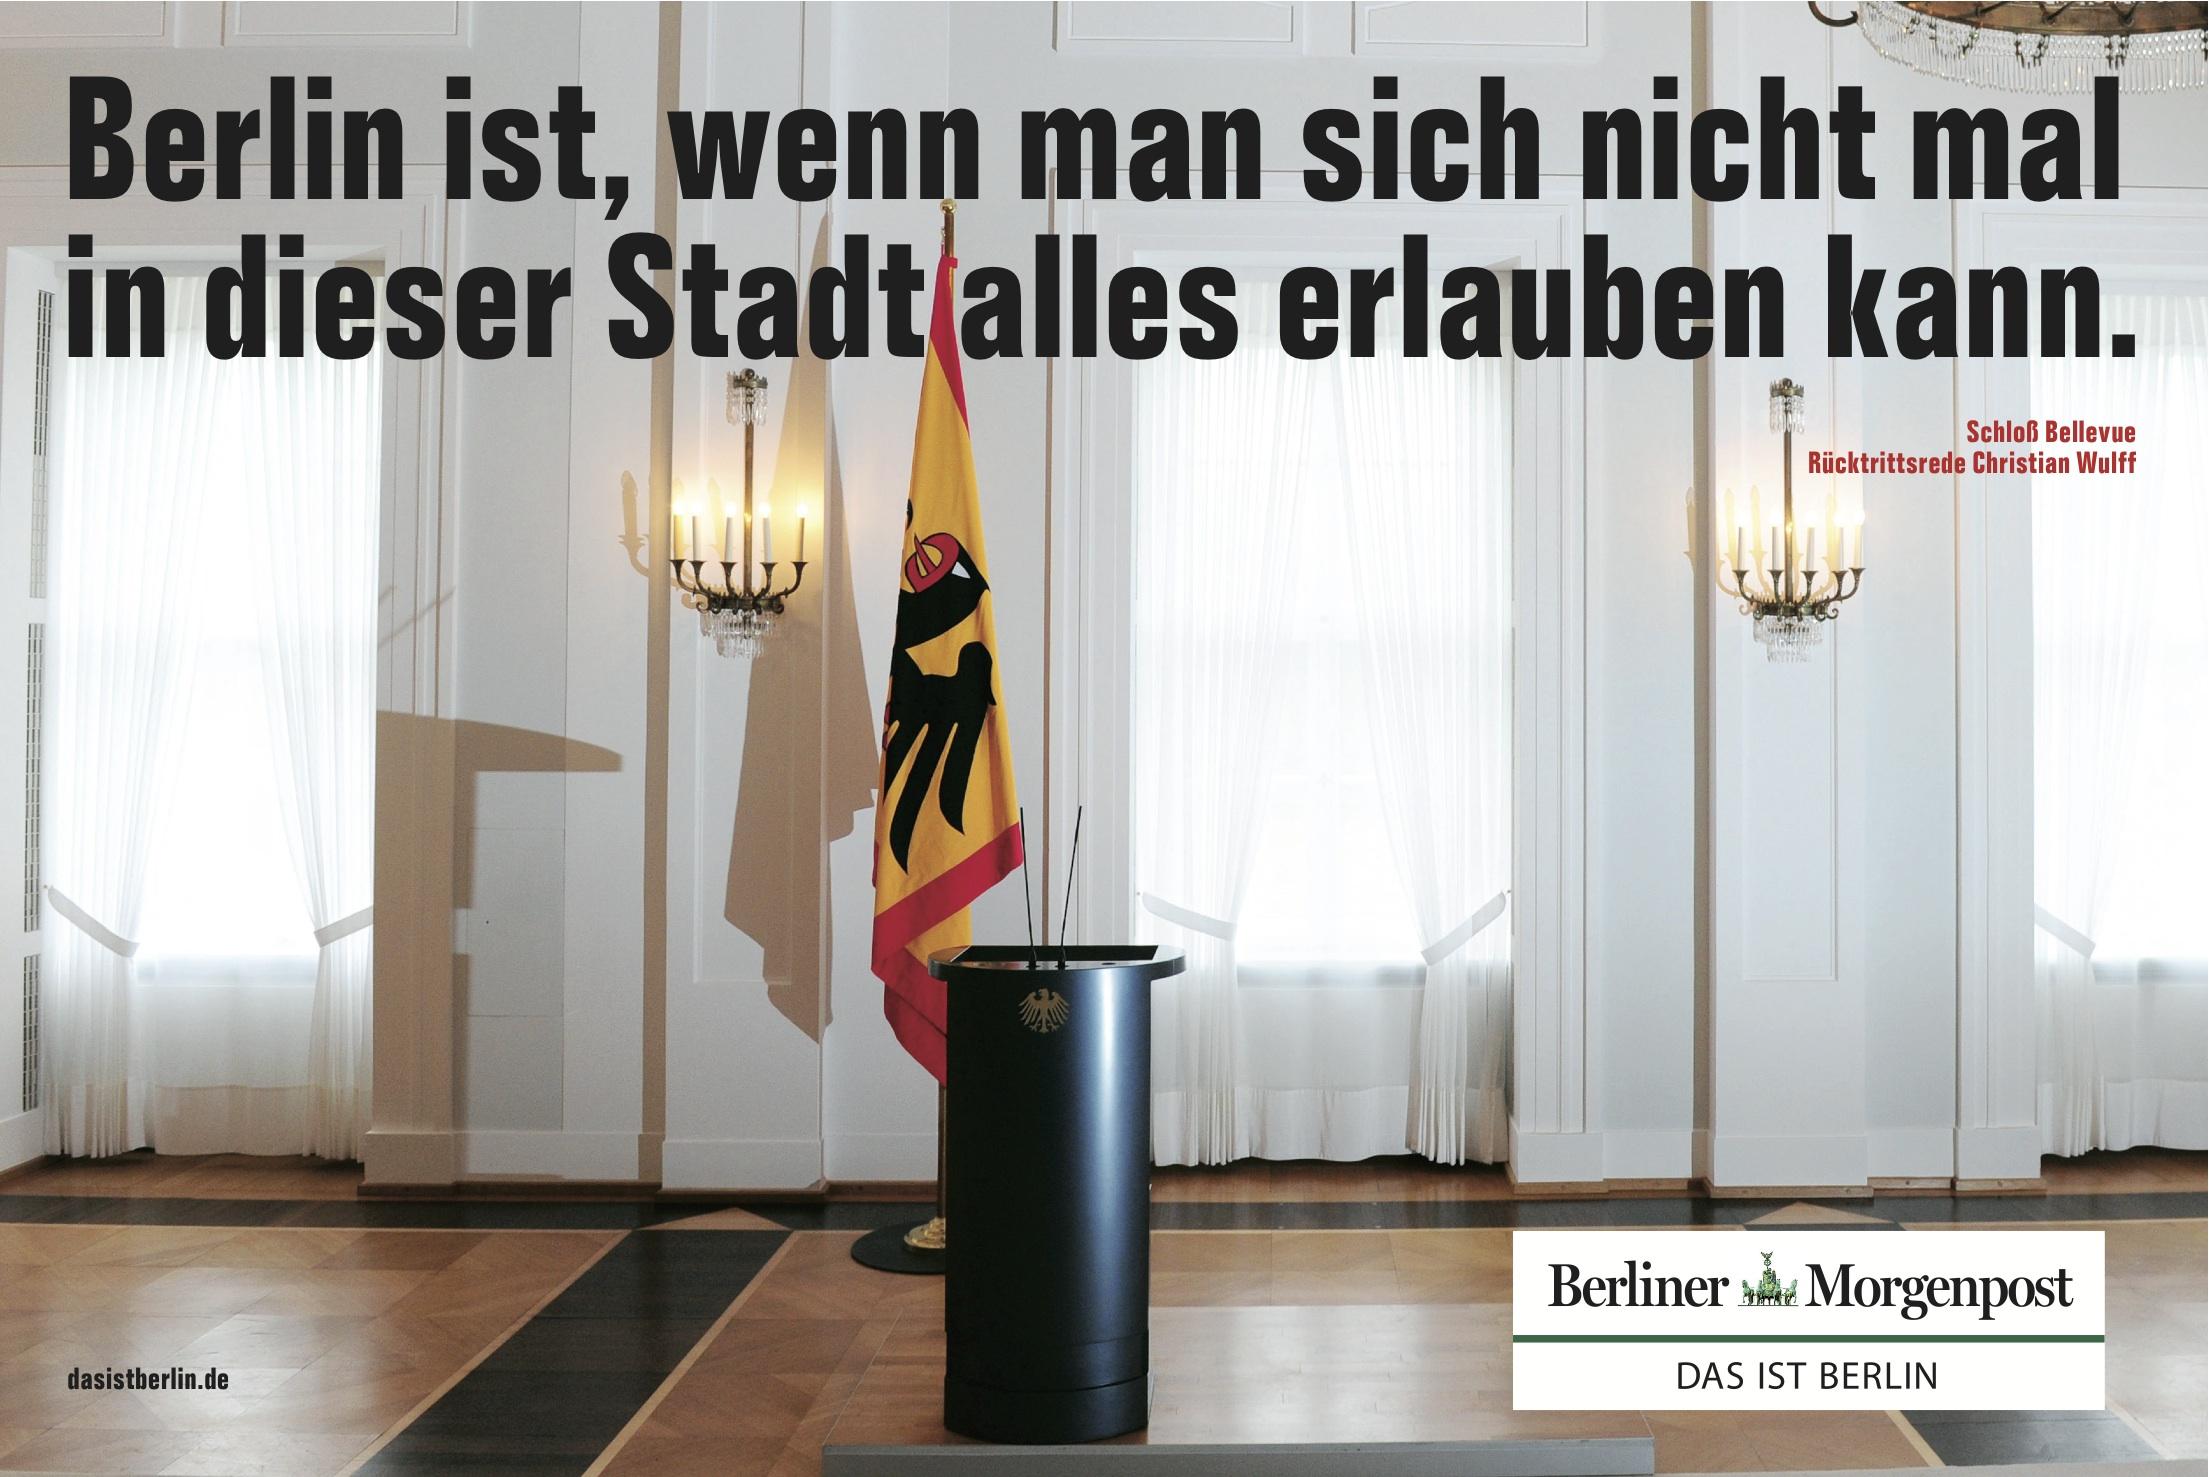 Berlin Online Anzeige